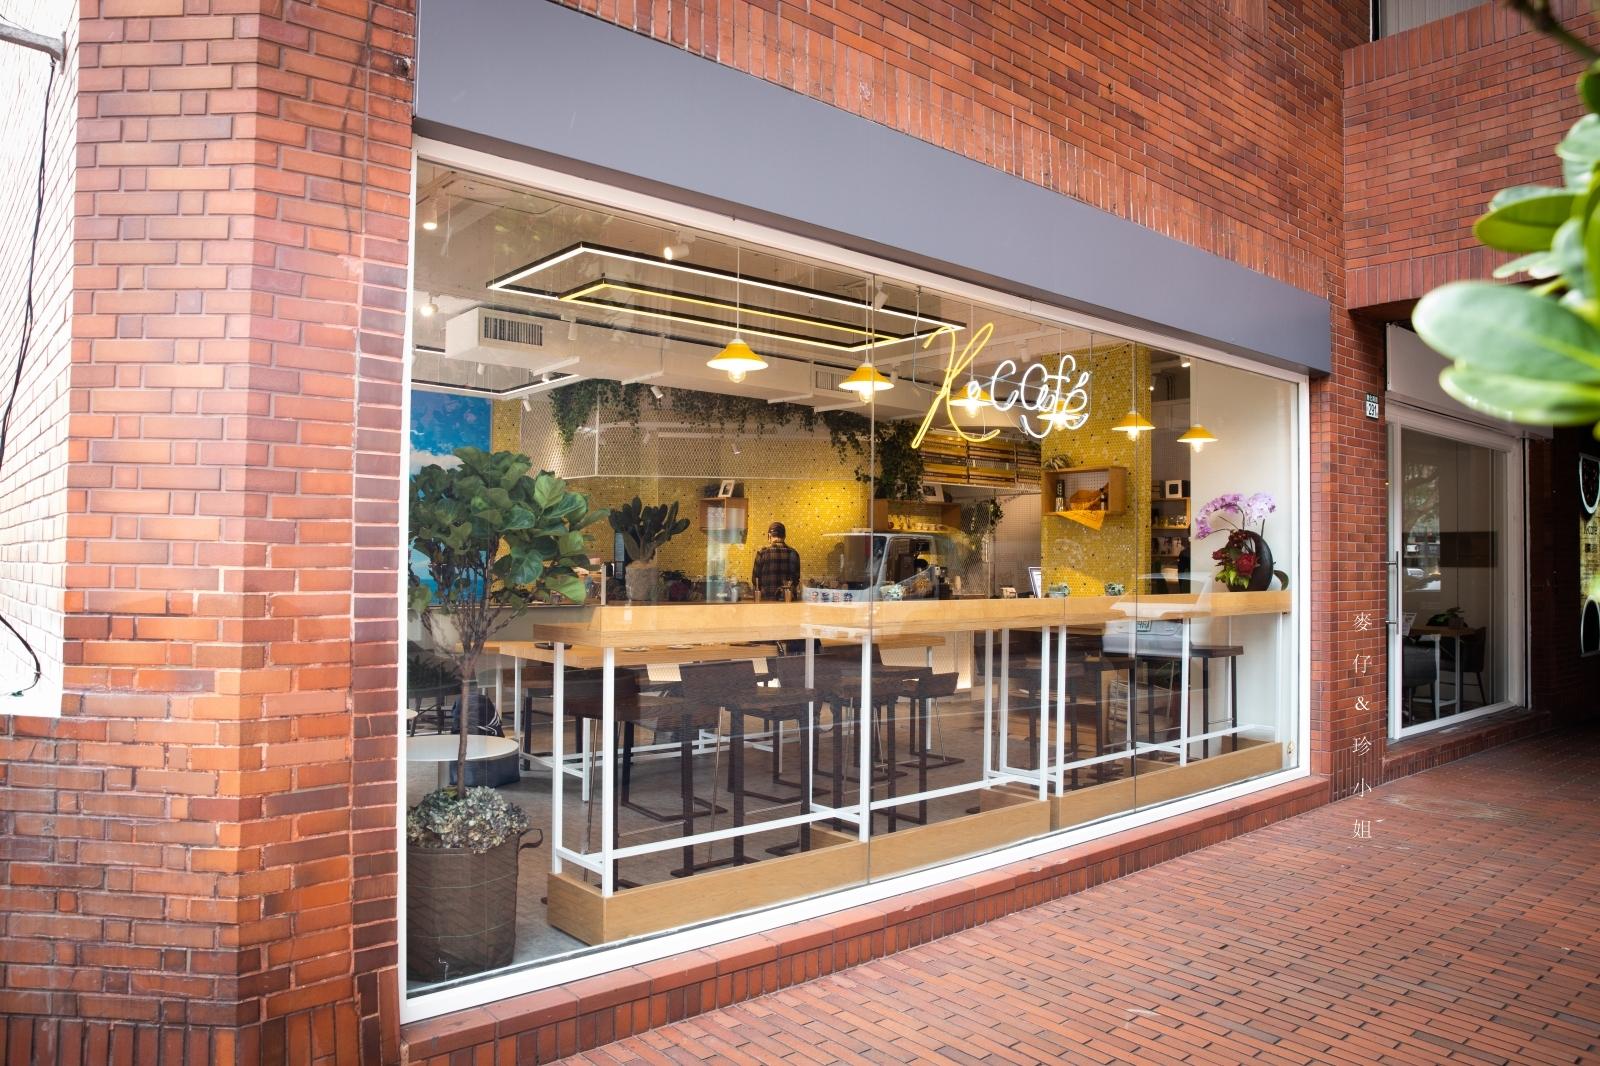 台北美食。K-cafe|來自日本湘南的手沖精品咖啡、輕食,提供插座、wifi、無用餐時間限制|捷運信義安和站美食